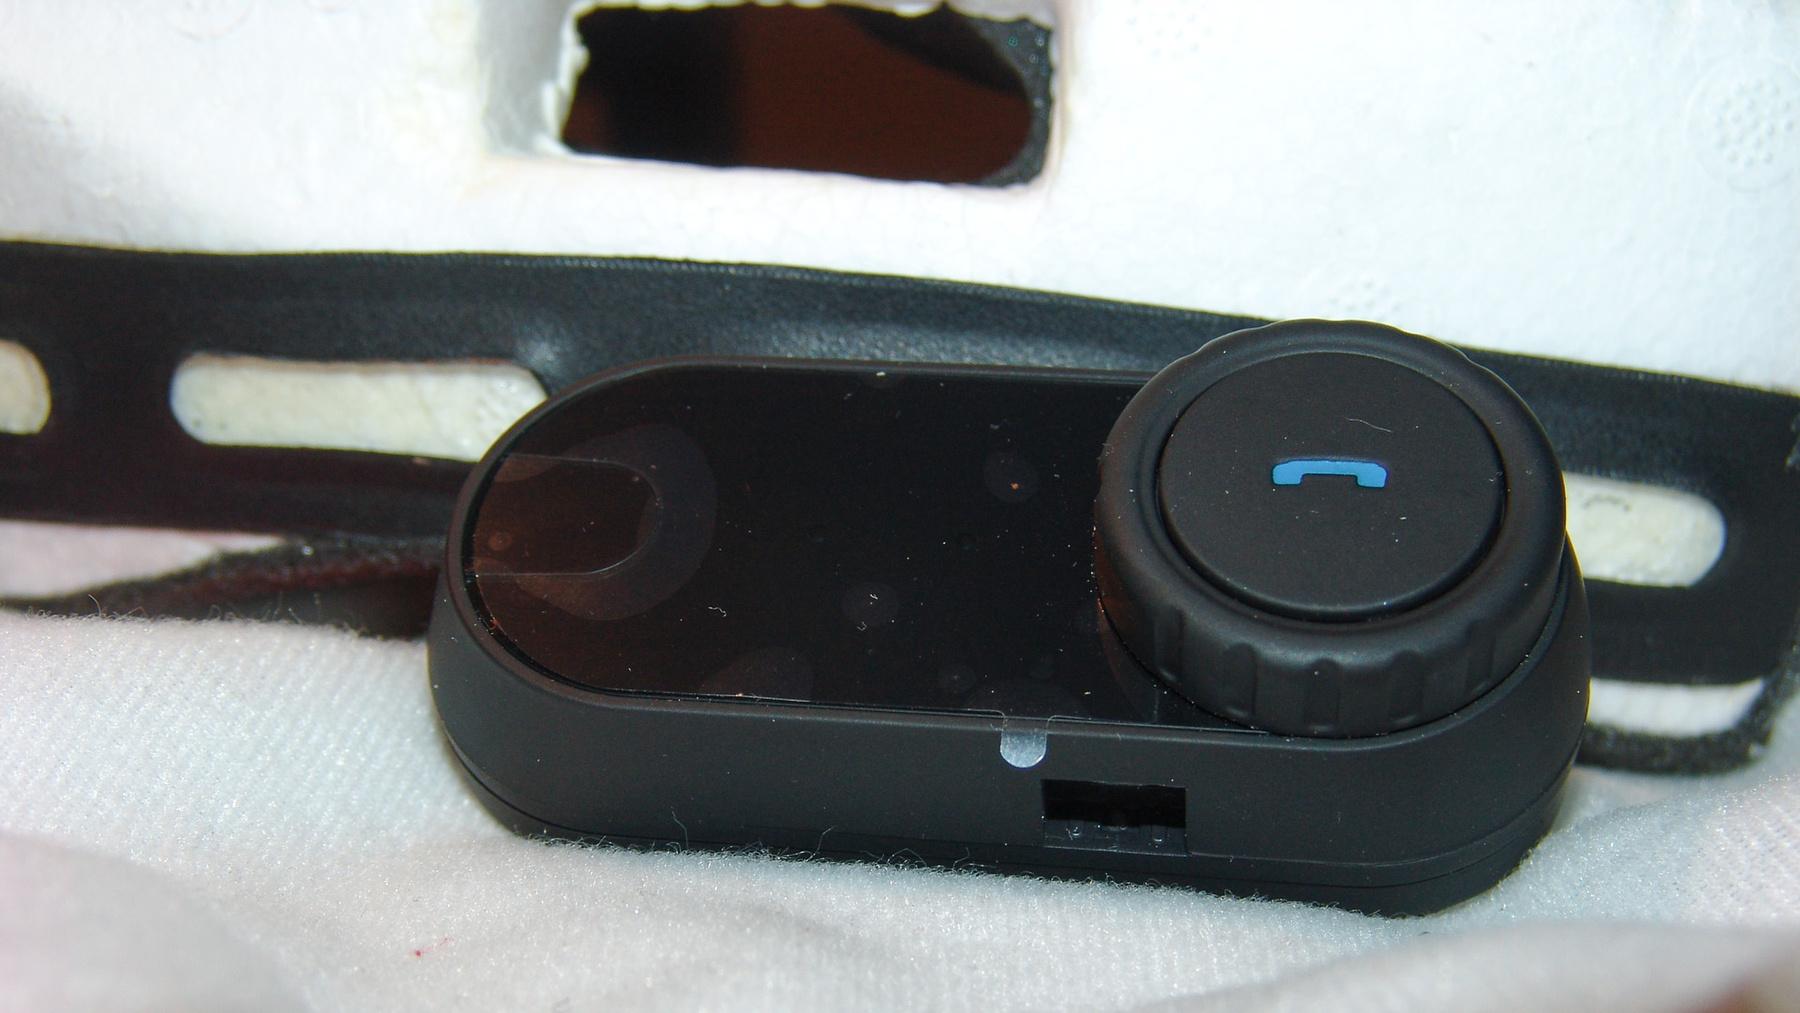 Hülyeség: egyedi csatlakozó, ide megy a headset és a töltő. Mennyivel jobb lenne, ha egy hagyományos mini USB lenne